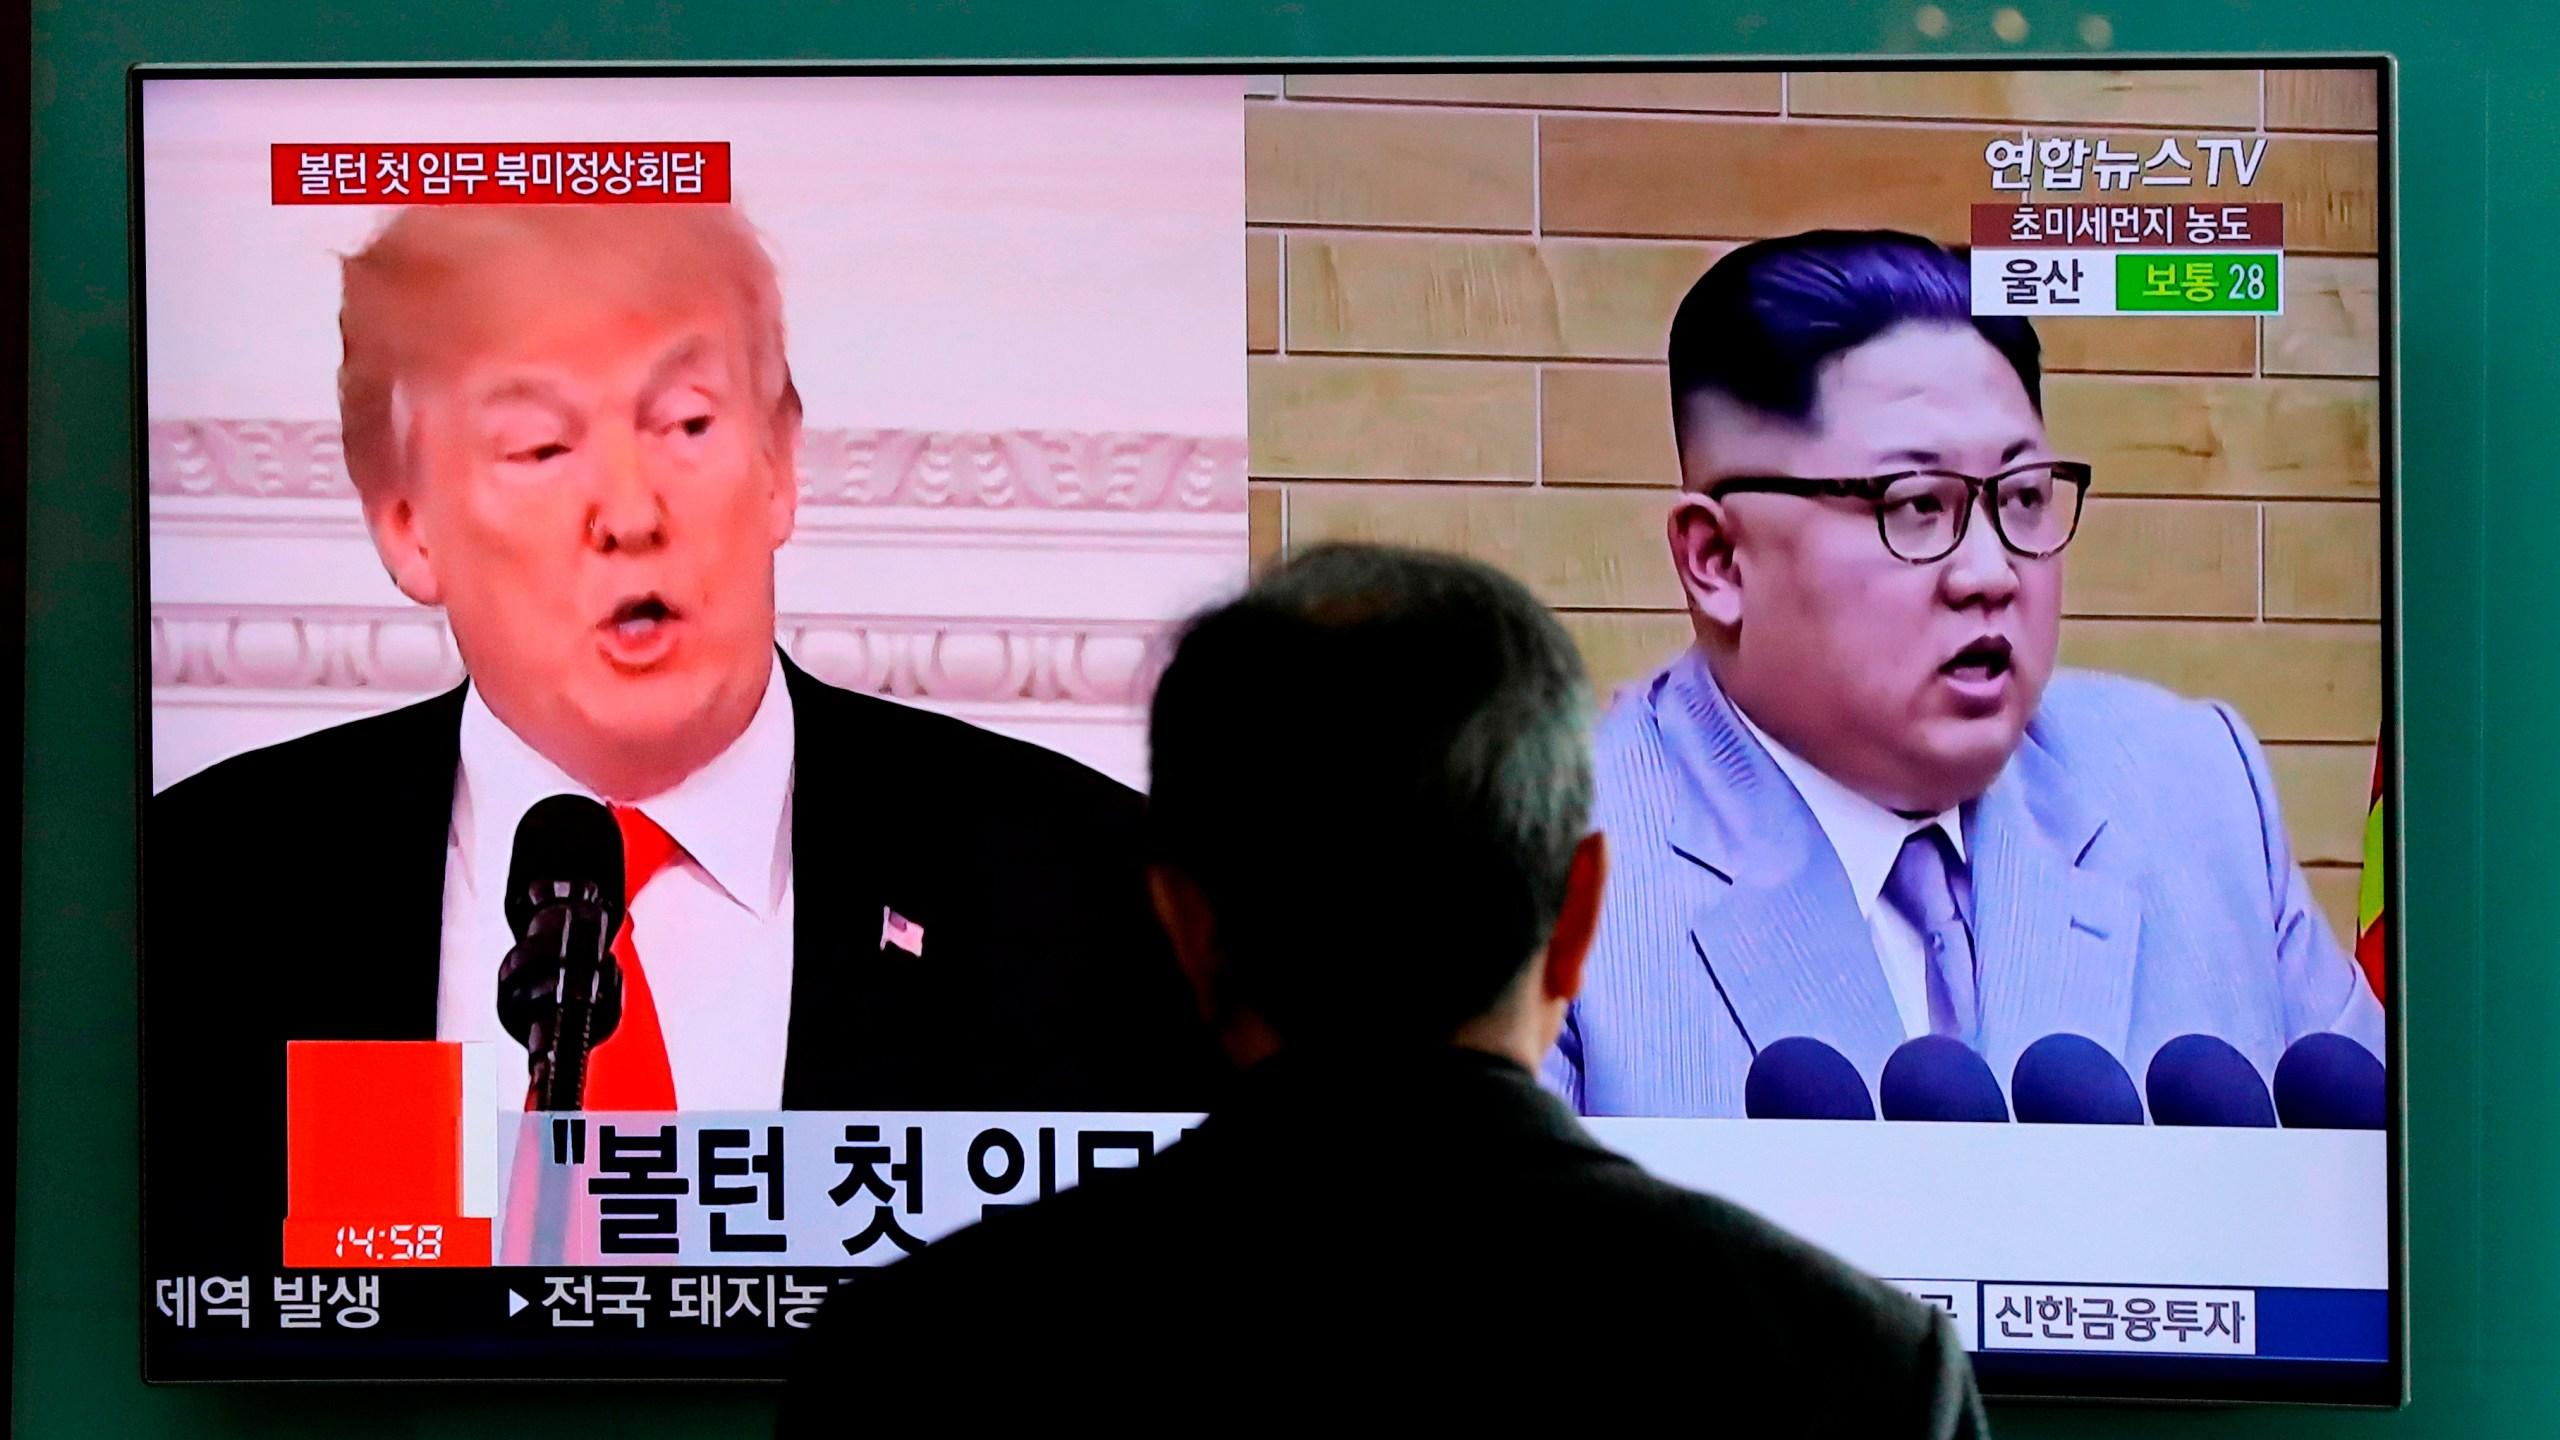 US_North_Korea_47725-159532.jpg55404308